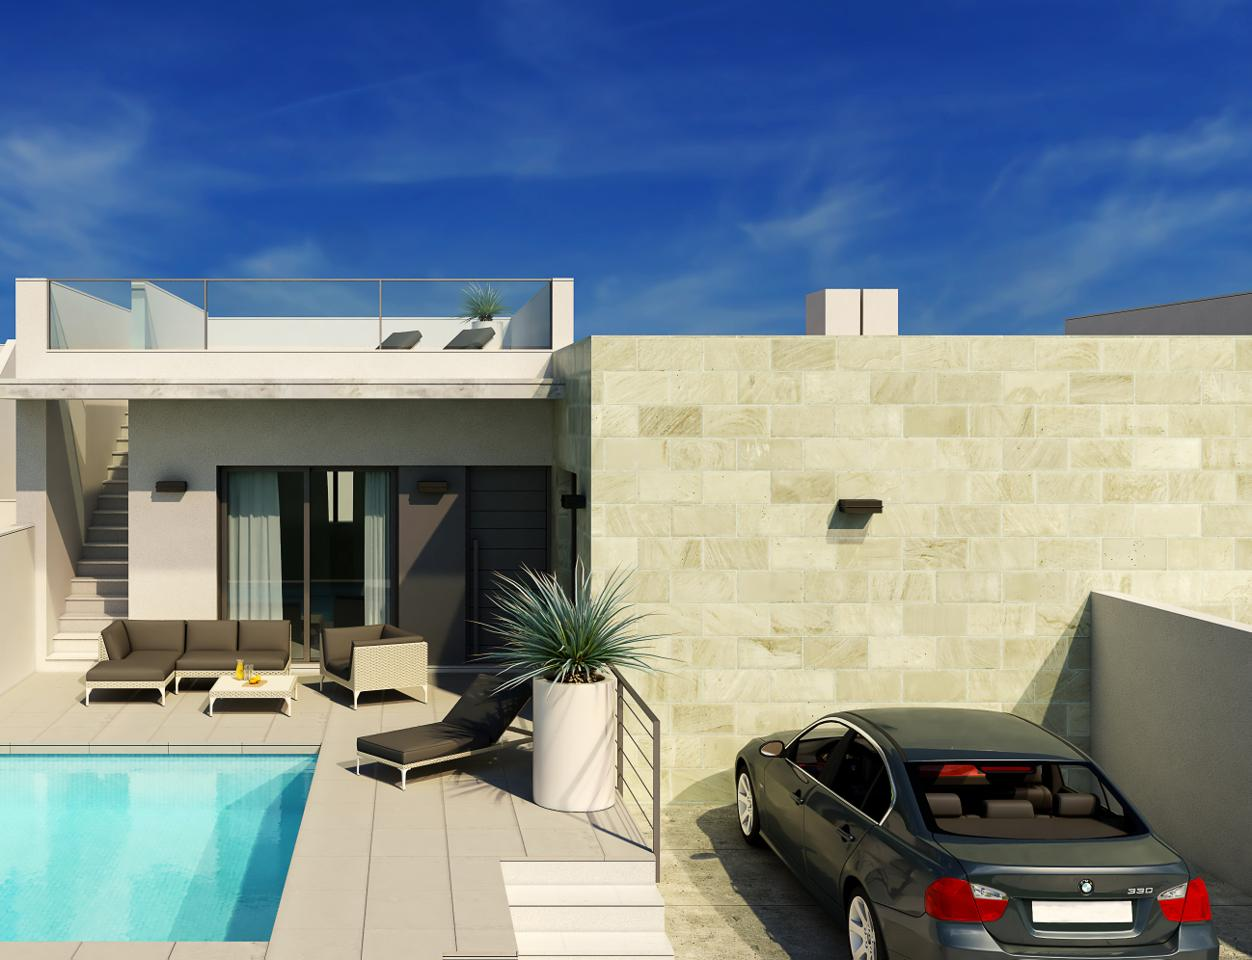 Casa en Formentera del Segura. Exclusivas villas de 2 y 3 dormitorios a 8 minutos de la playa.